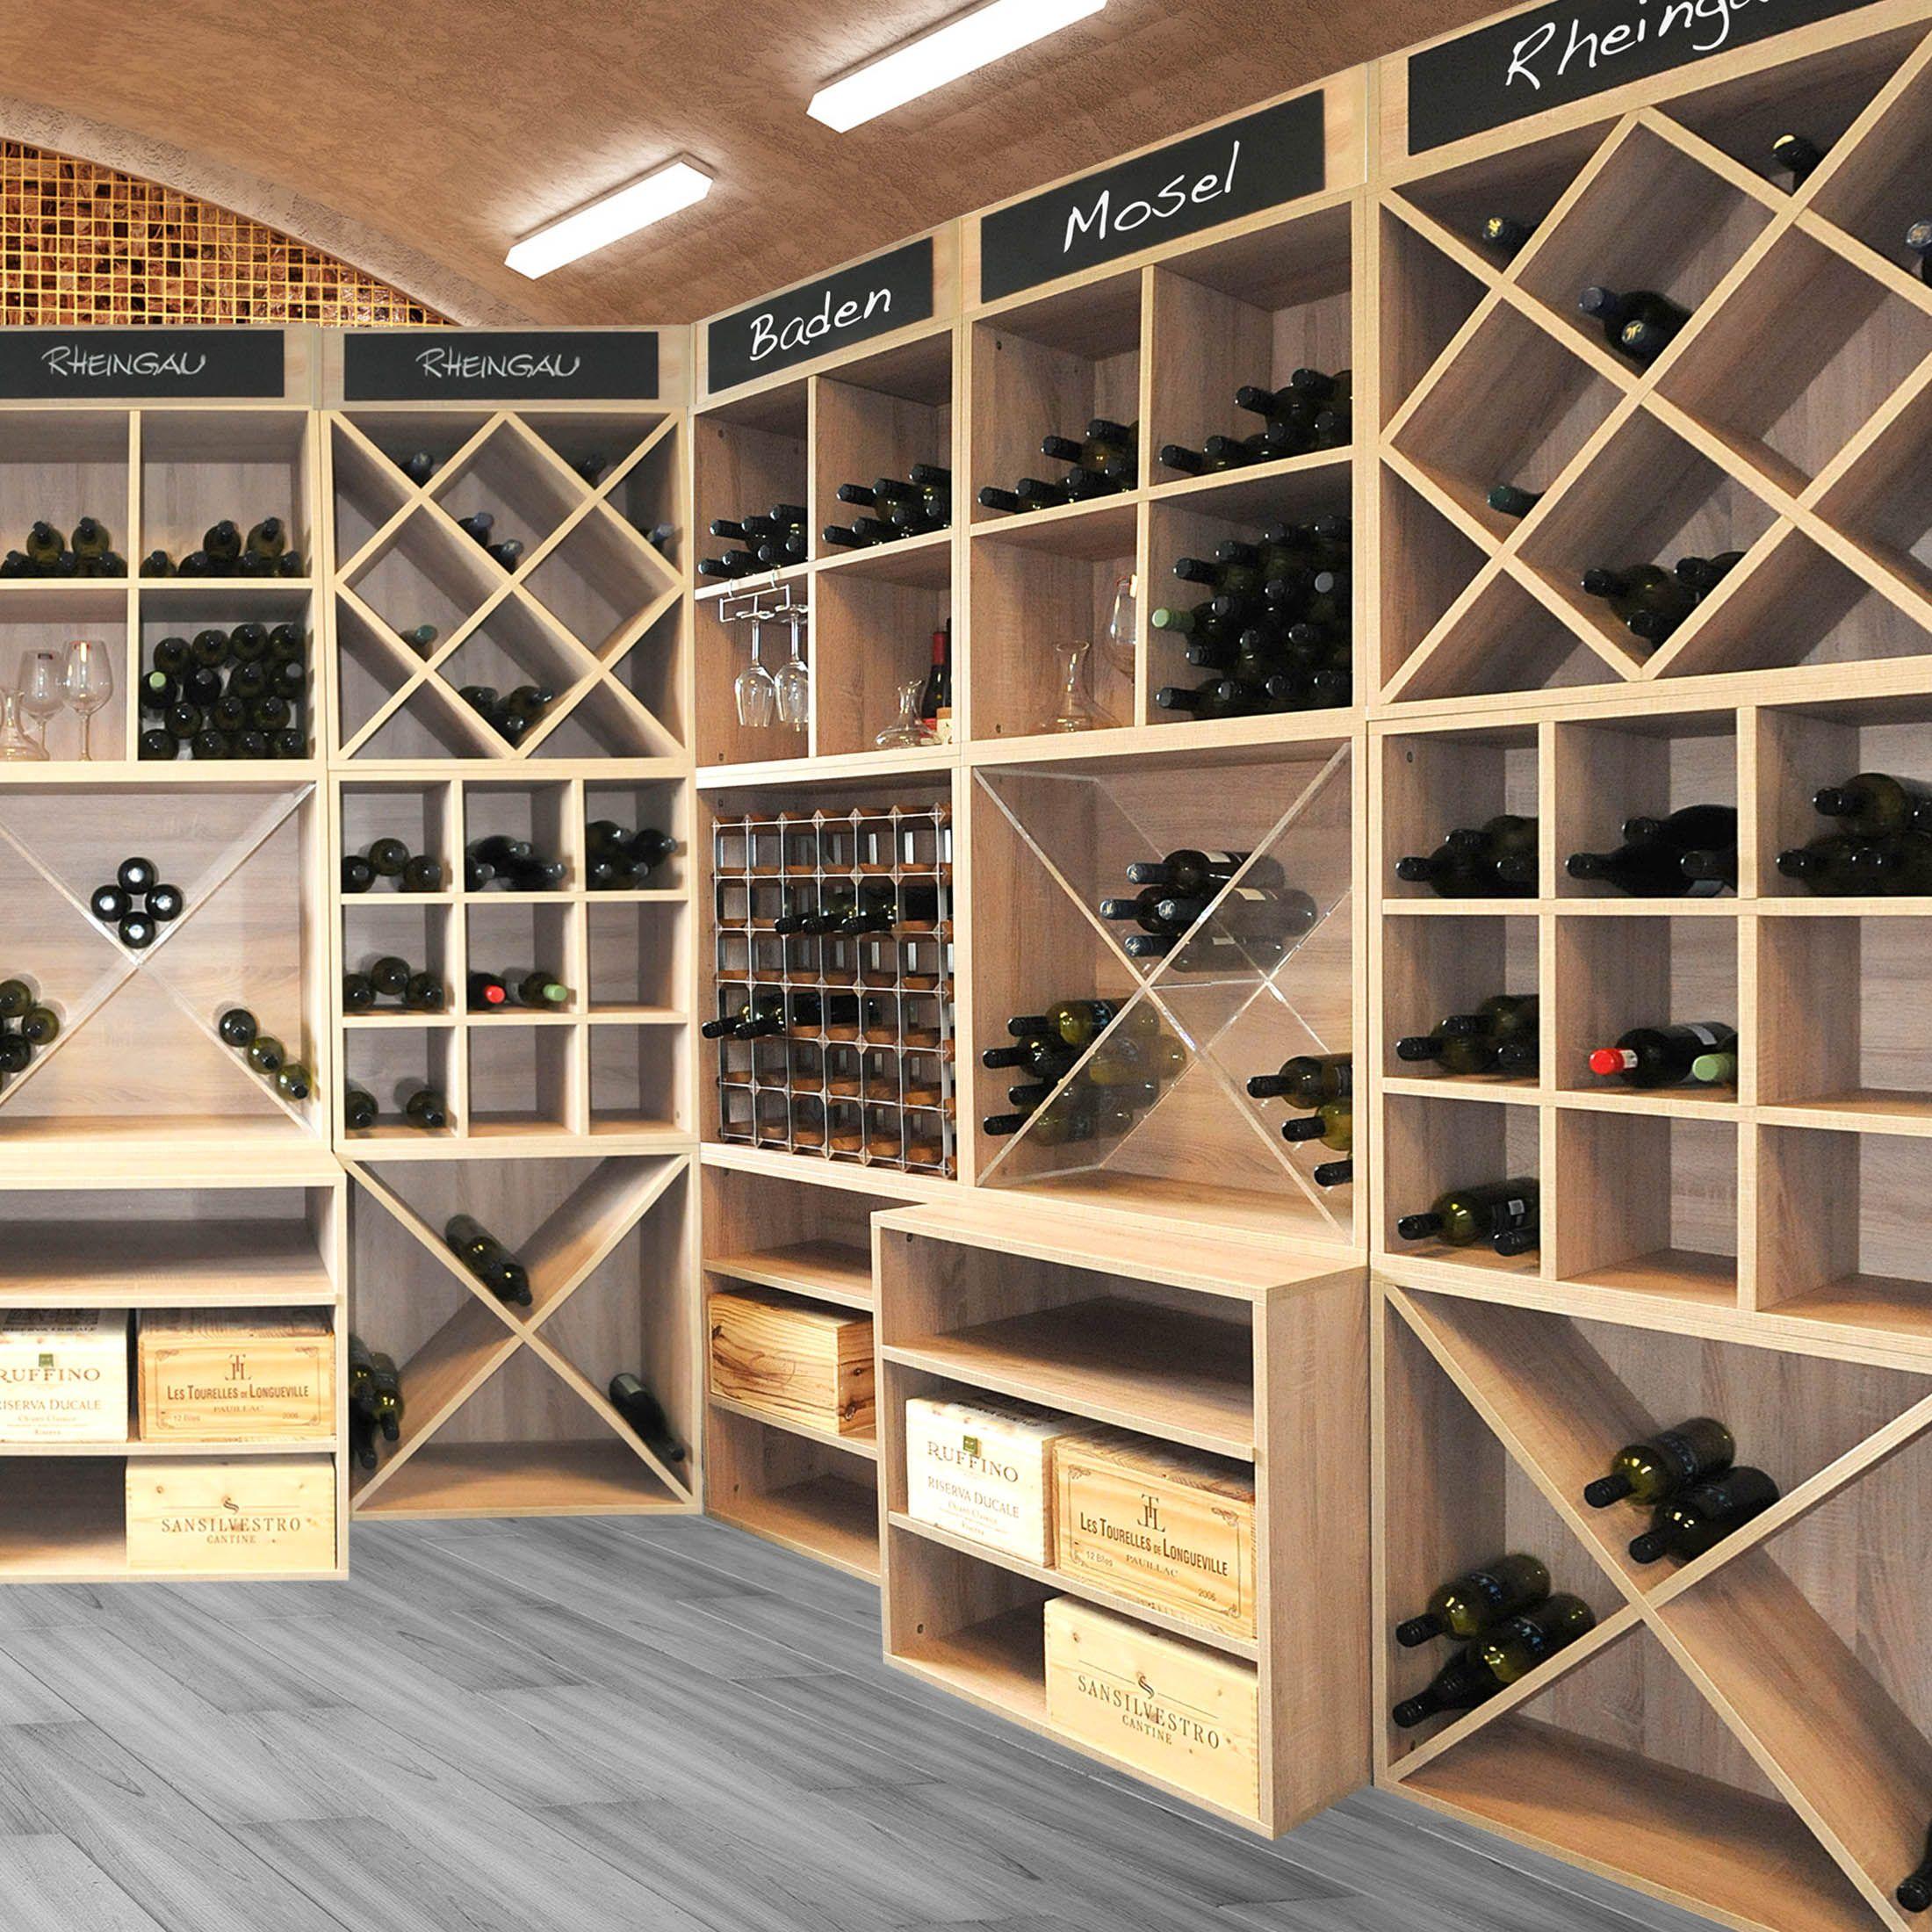 weinregal nicht nur f r den privaten weinliebhaber auch einsetzbar f r gastronomie und. Black Bedroom Furniture Sets. Home Design Ideas